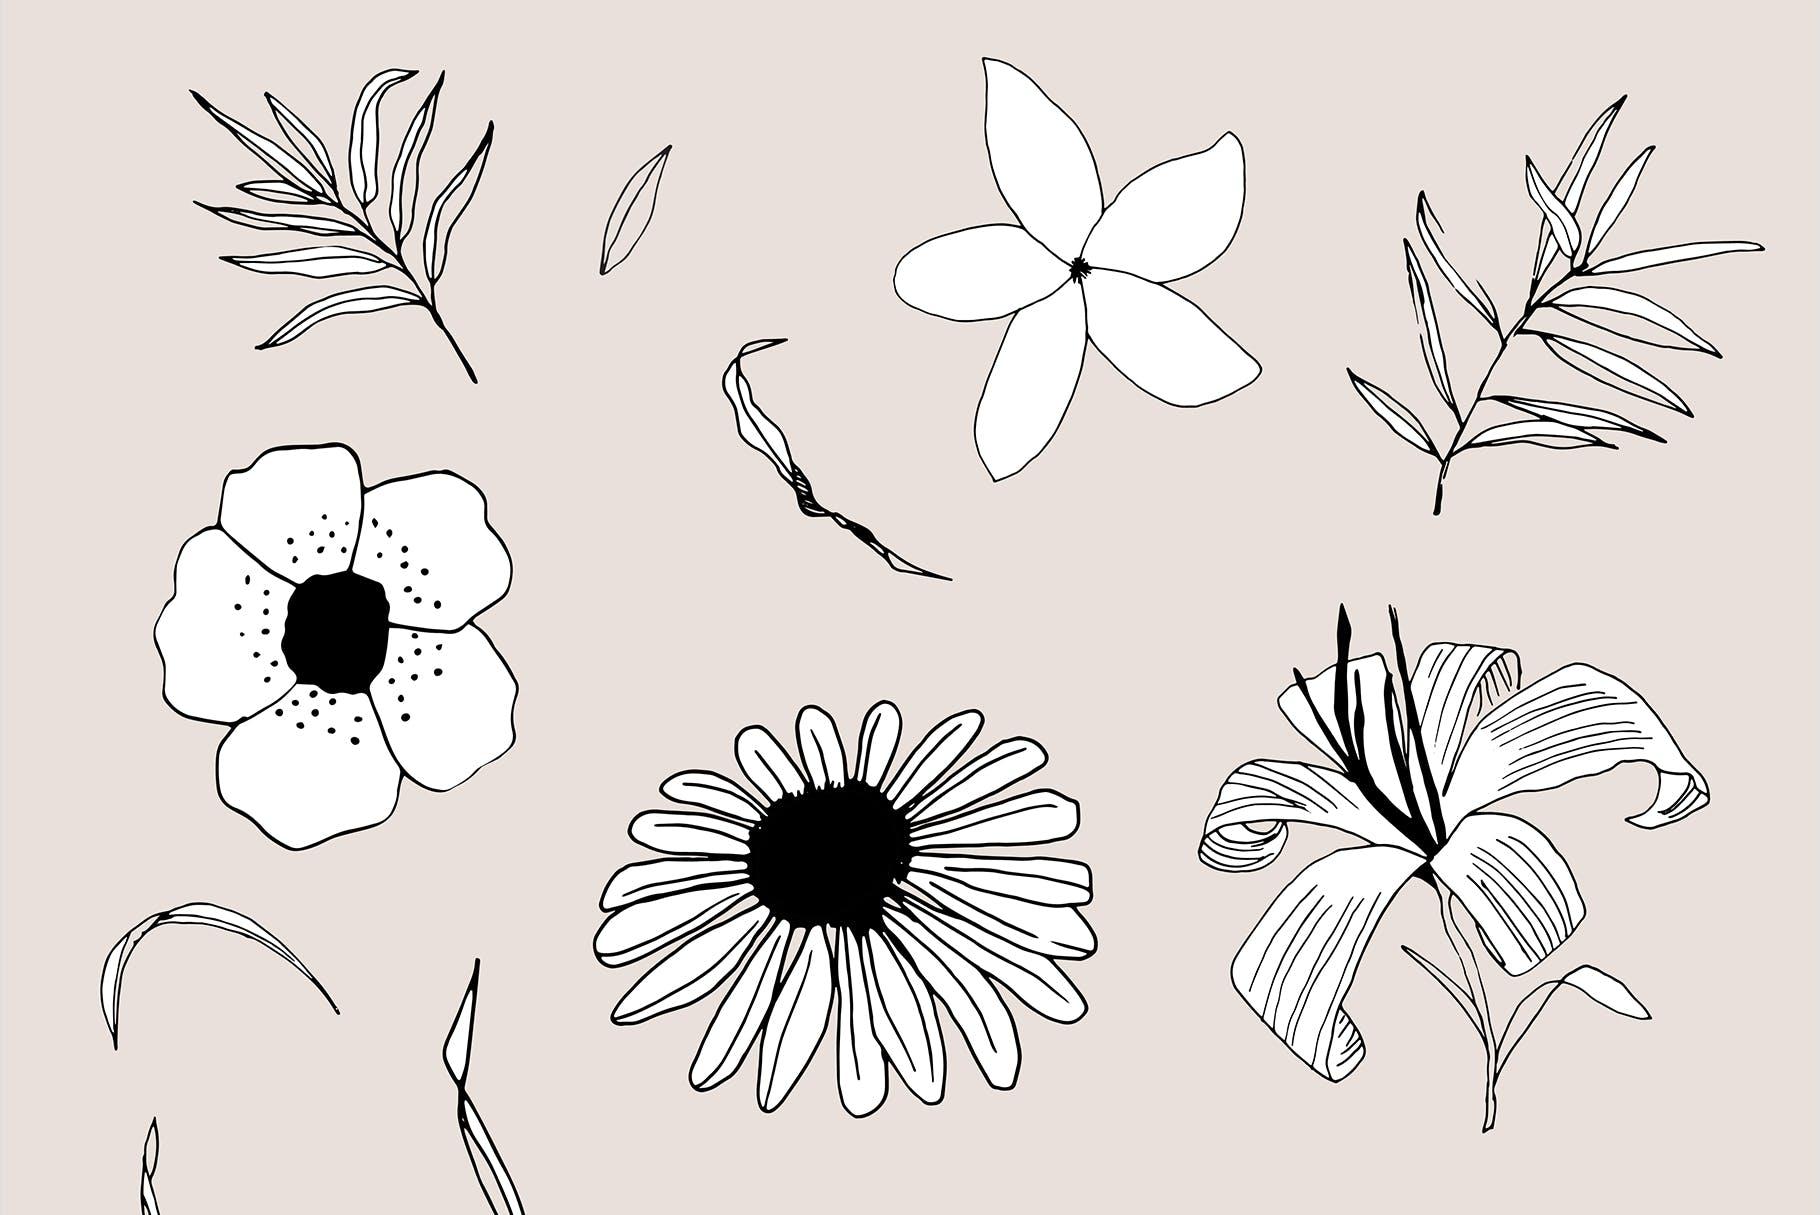 图形花卉图案装饰性元素图案花纹素材下载Graphic Flowers Patterns Elements插图(10)